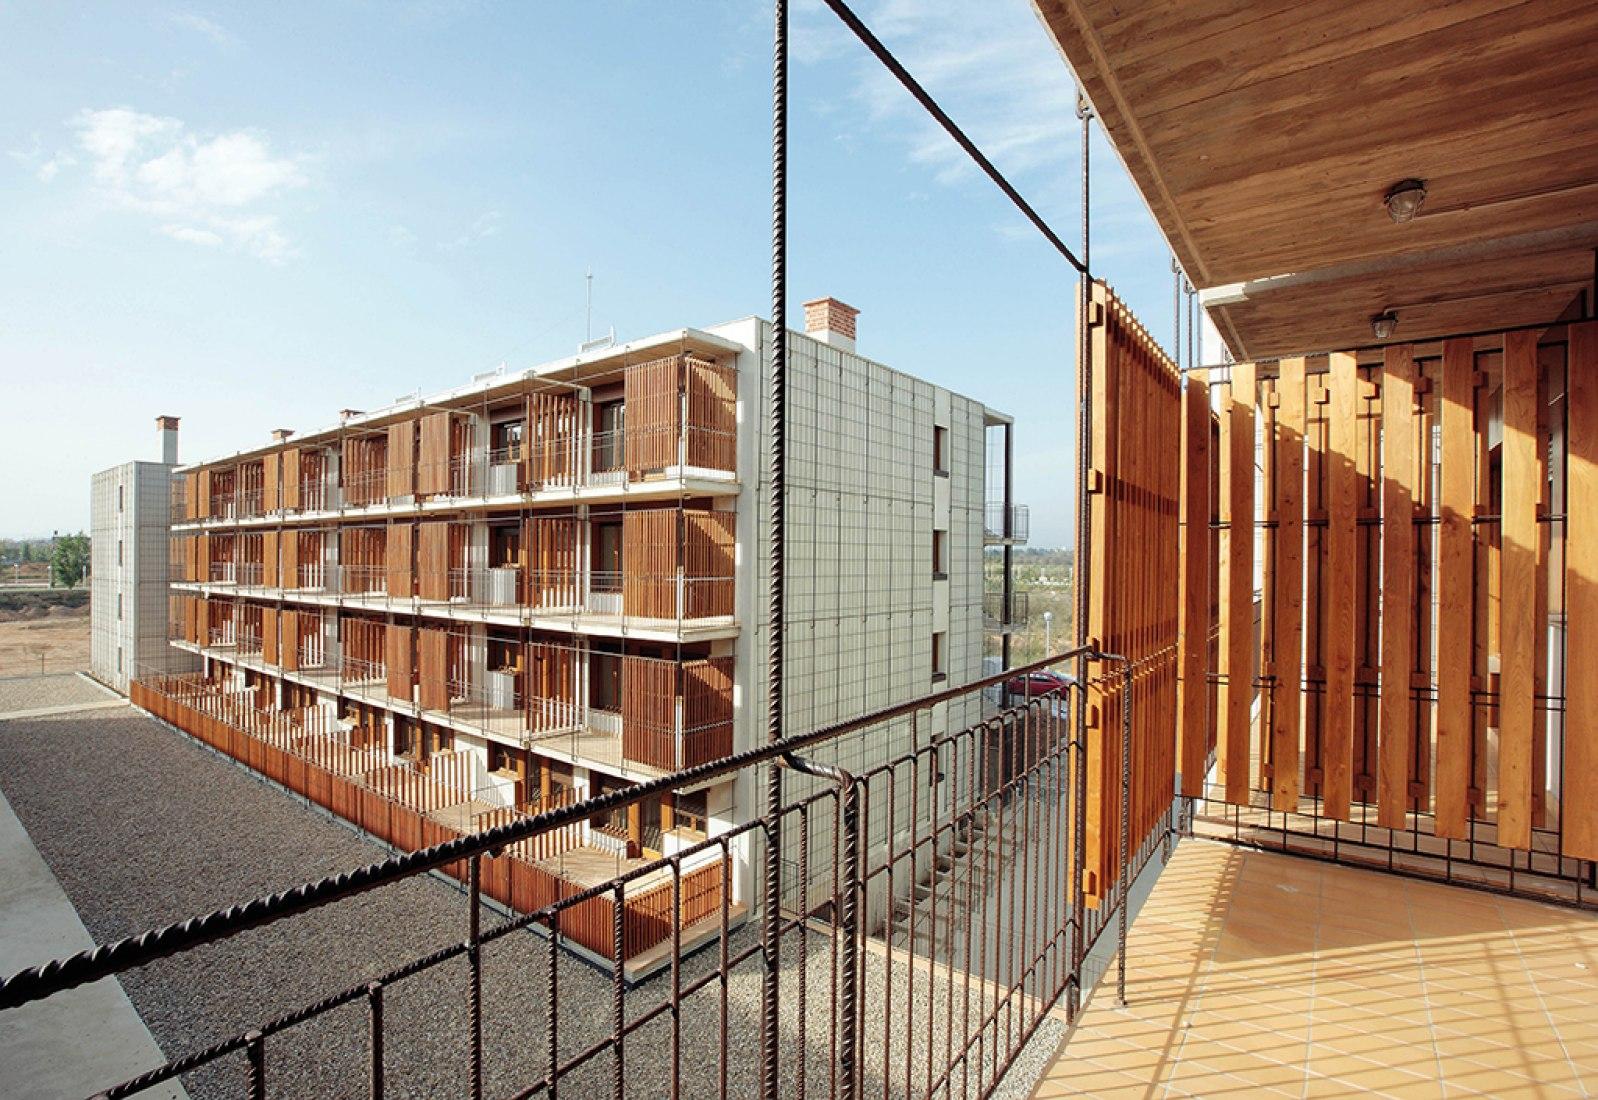 Vista desde la terraza. 80 viviendas de protección oficial en Salou por Toni Gironès. Fotografía © José Hevia.